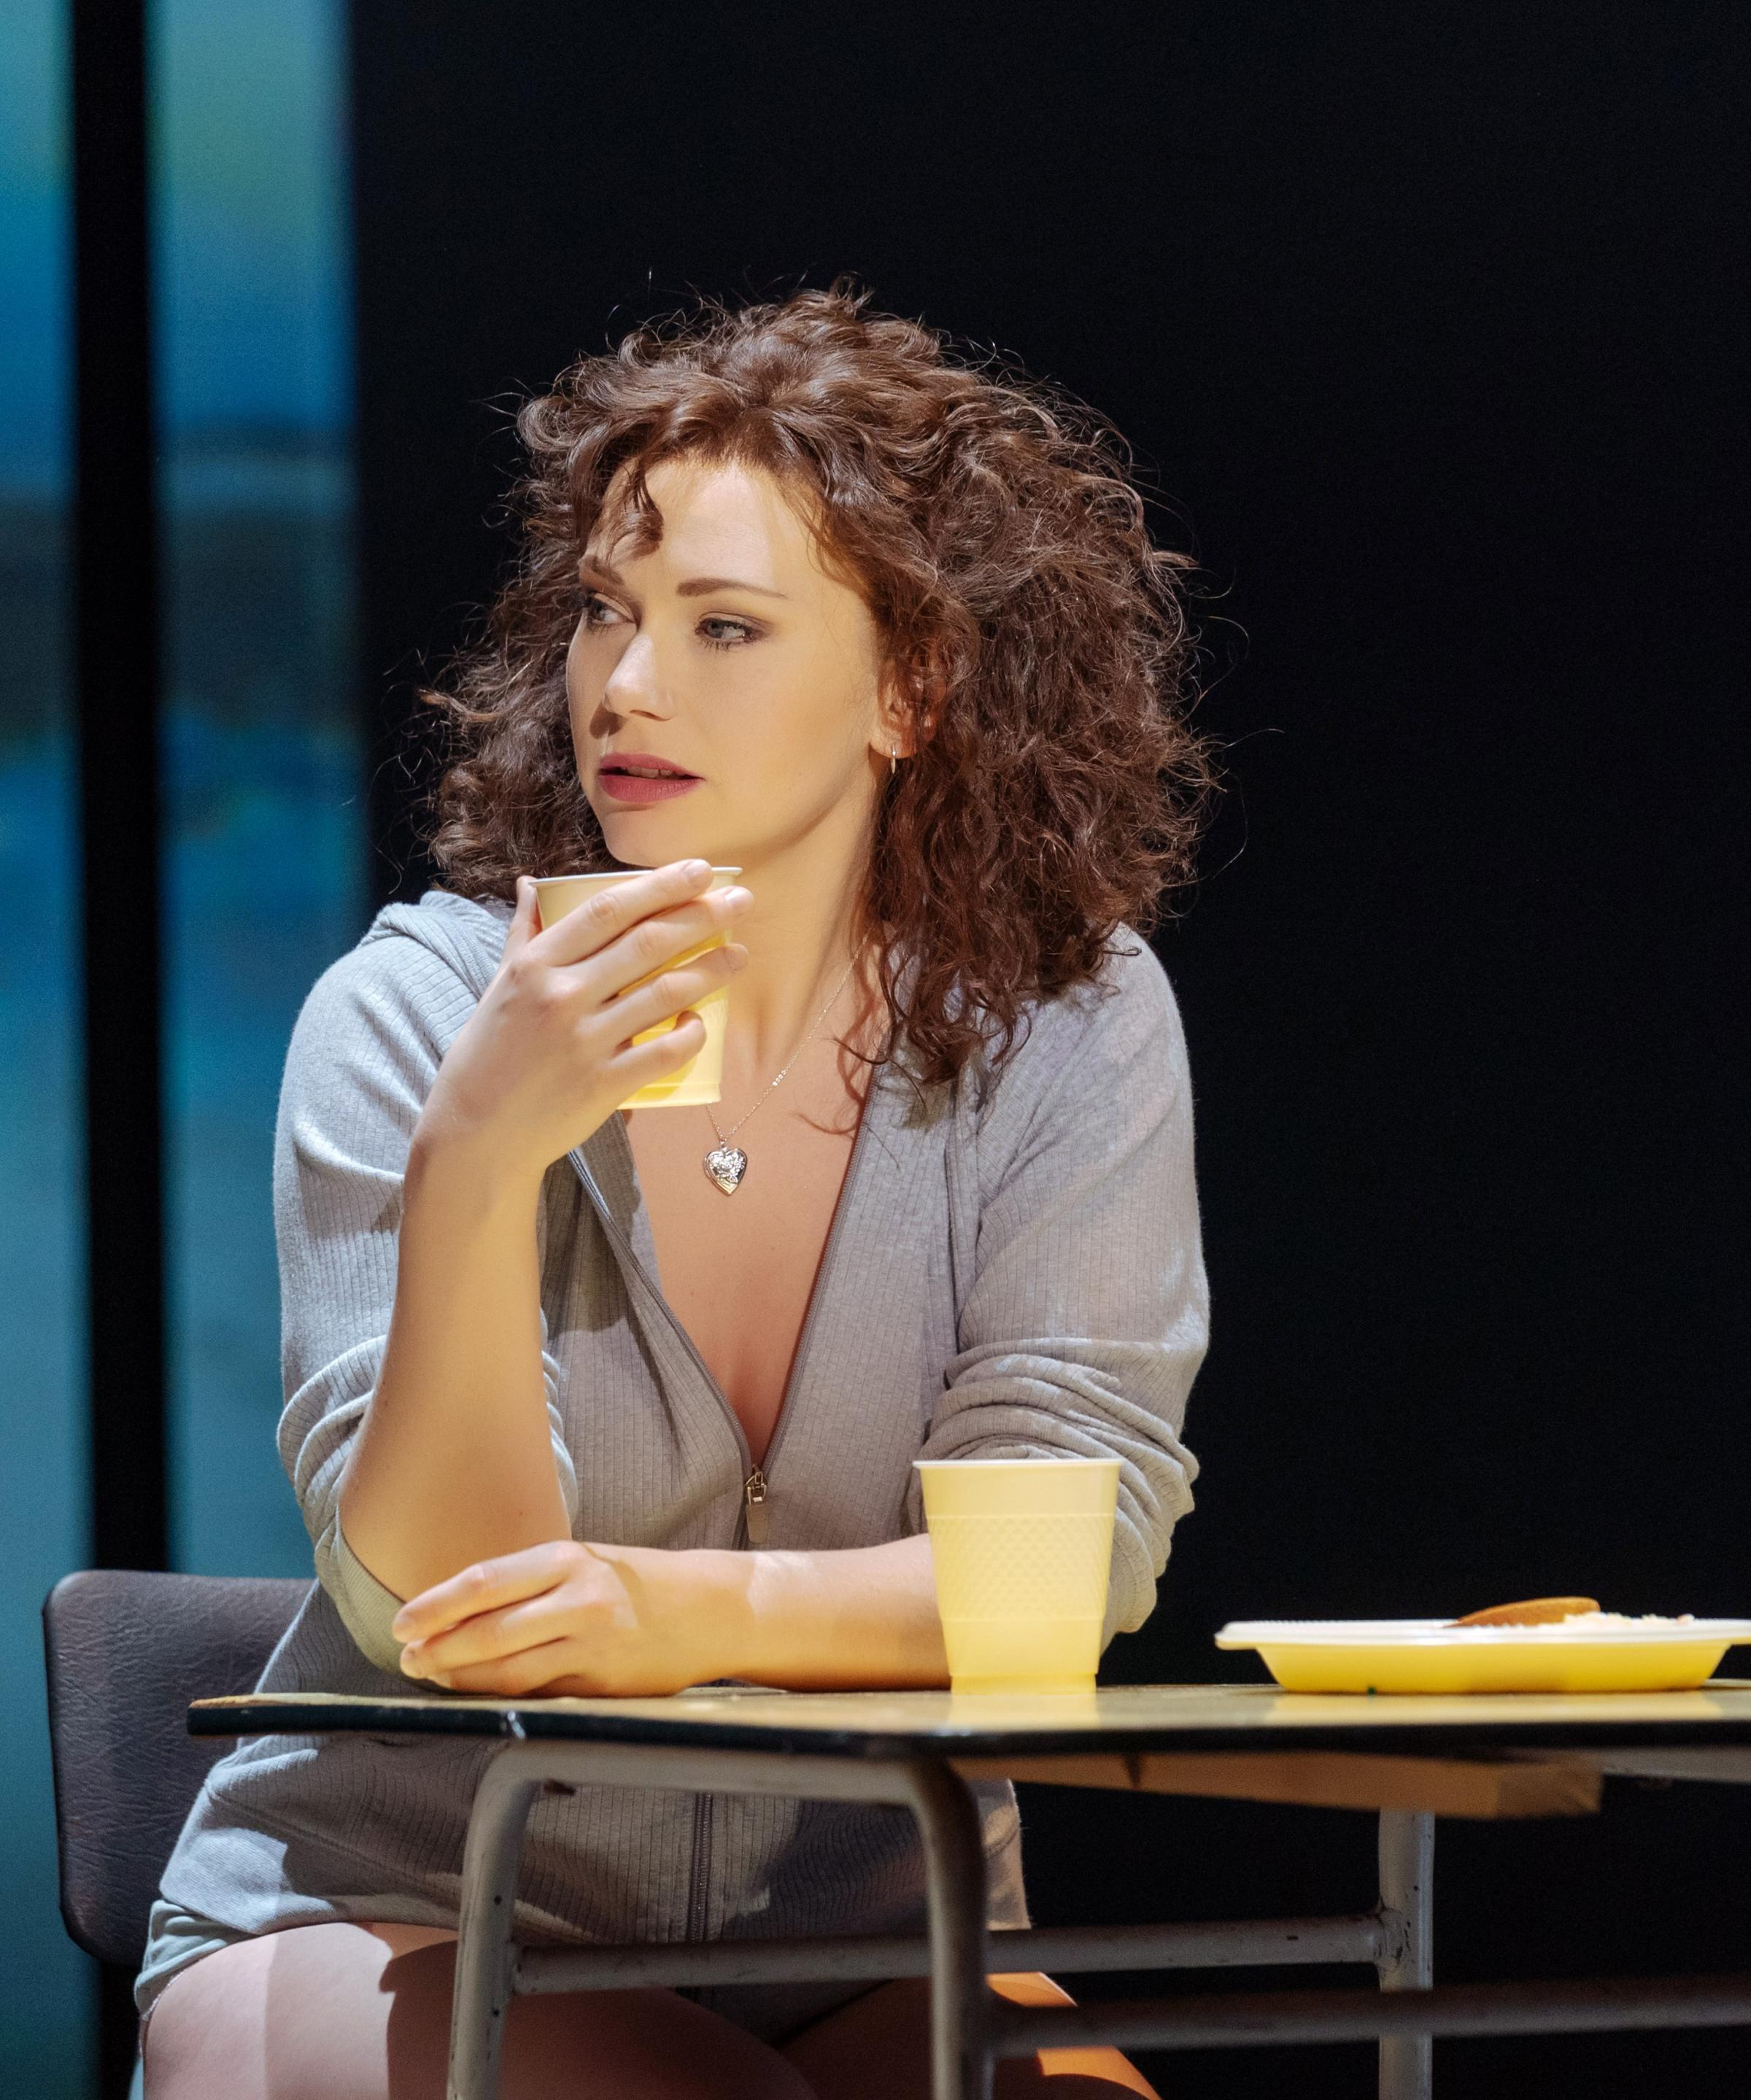 Emma Williams (actress)